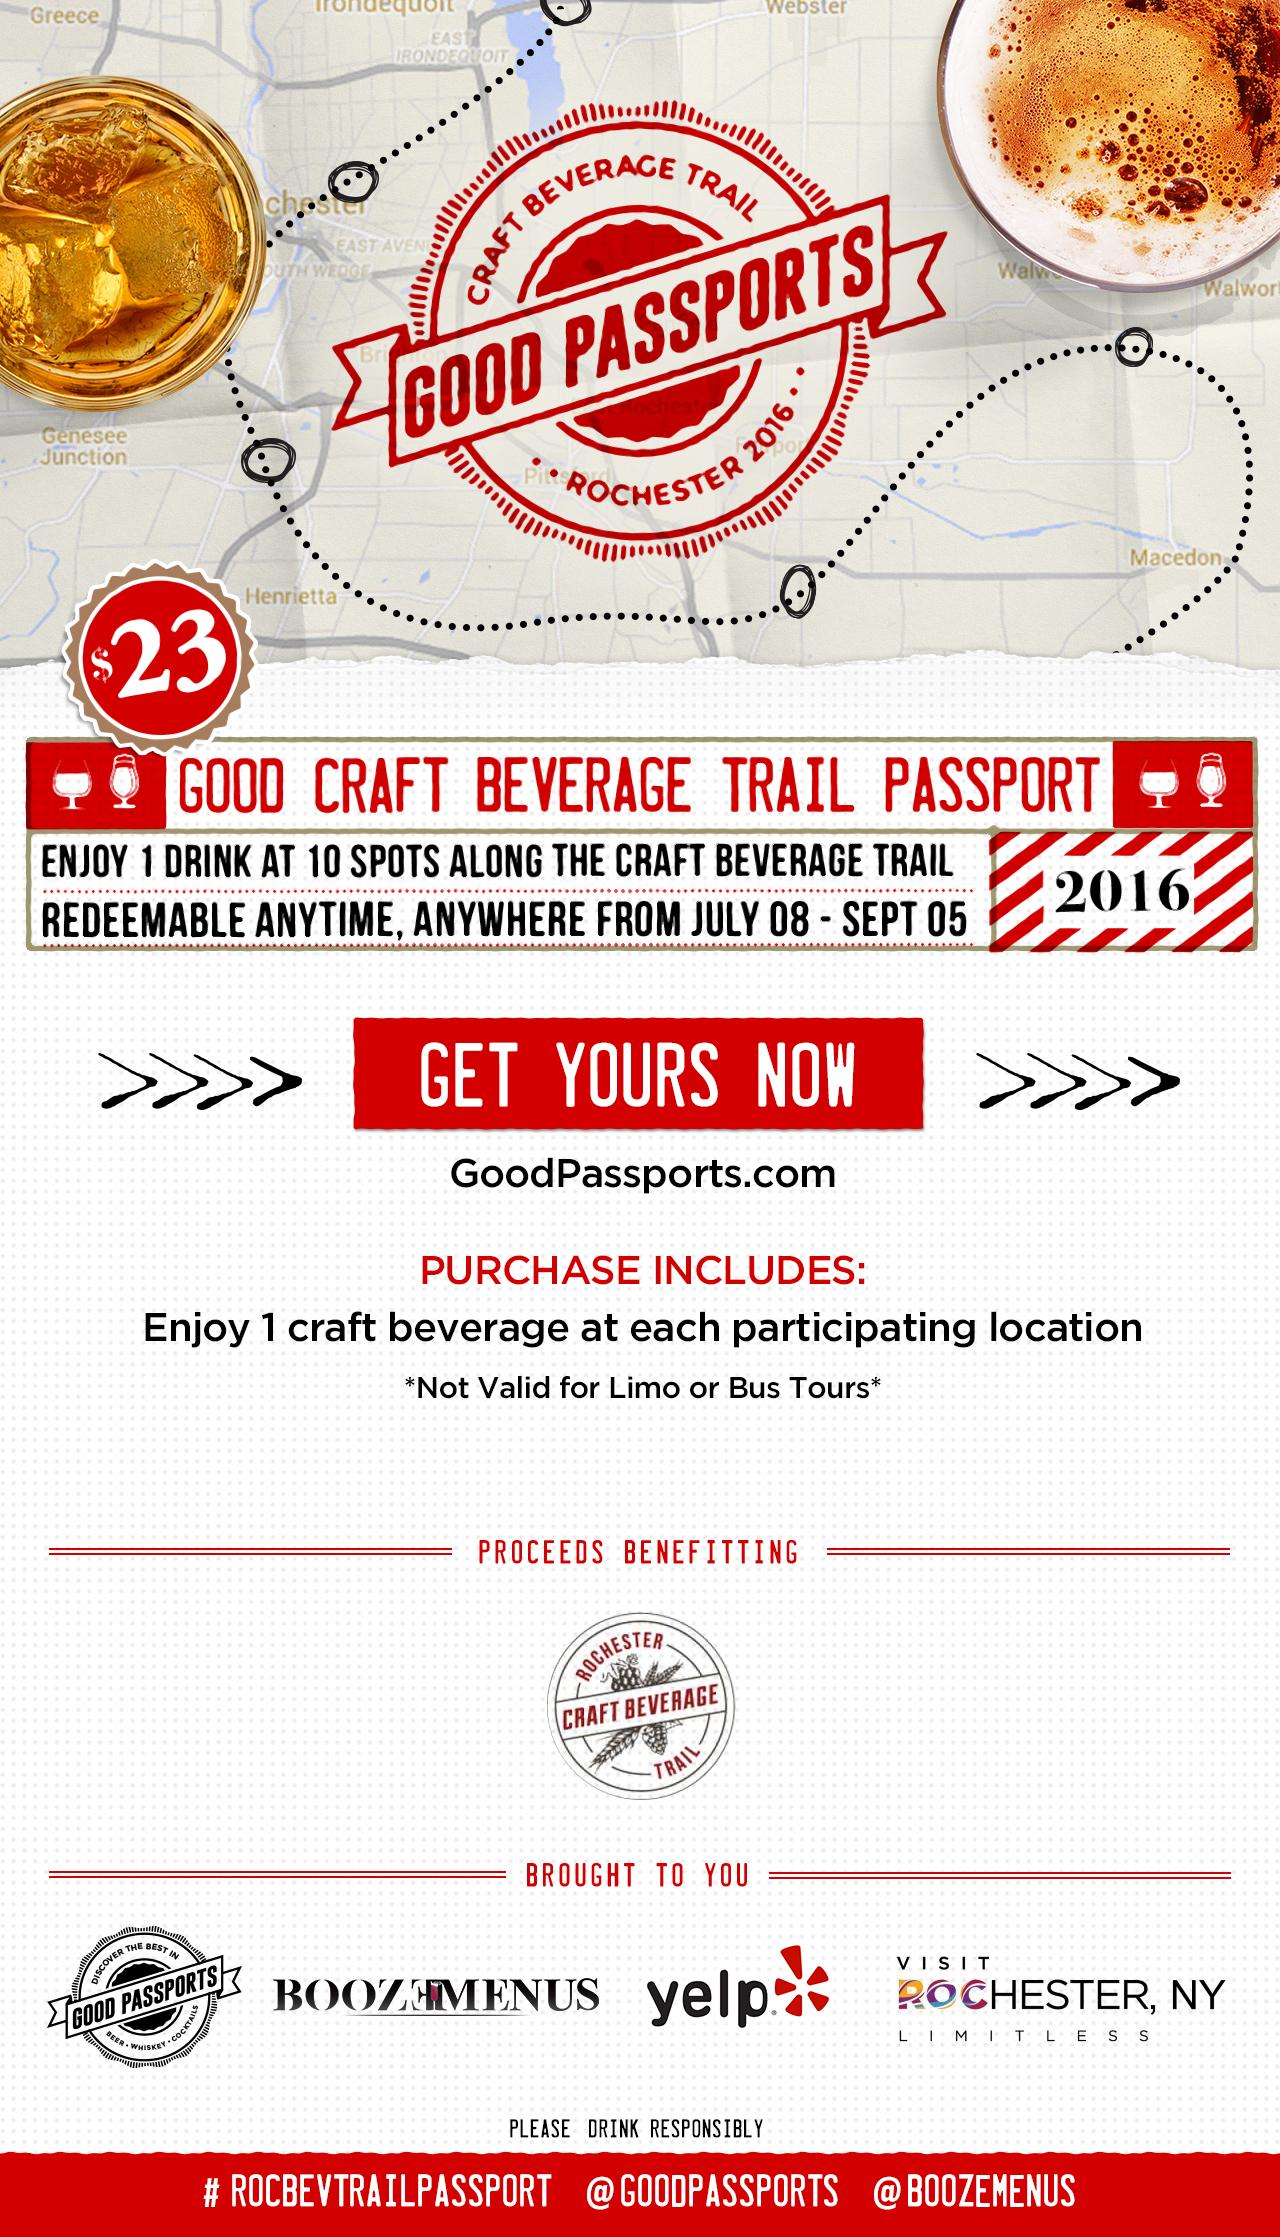 Rochester-Craft-Beverage-Trail-Good-Passports-2016-final